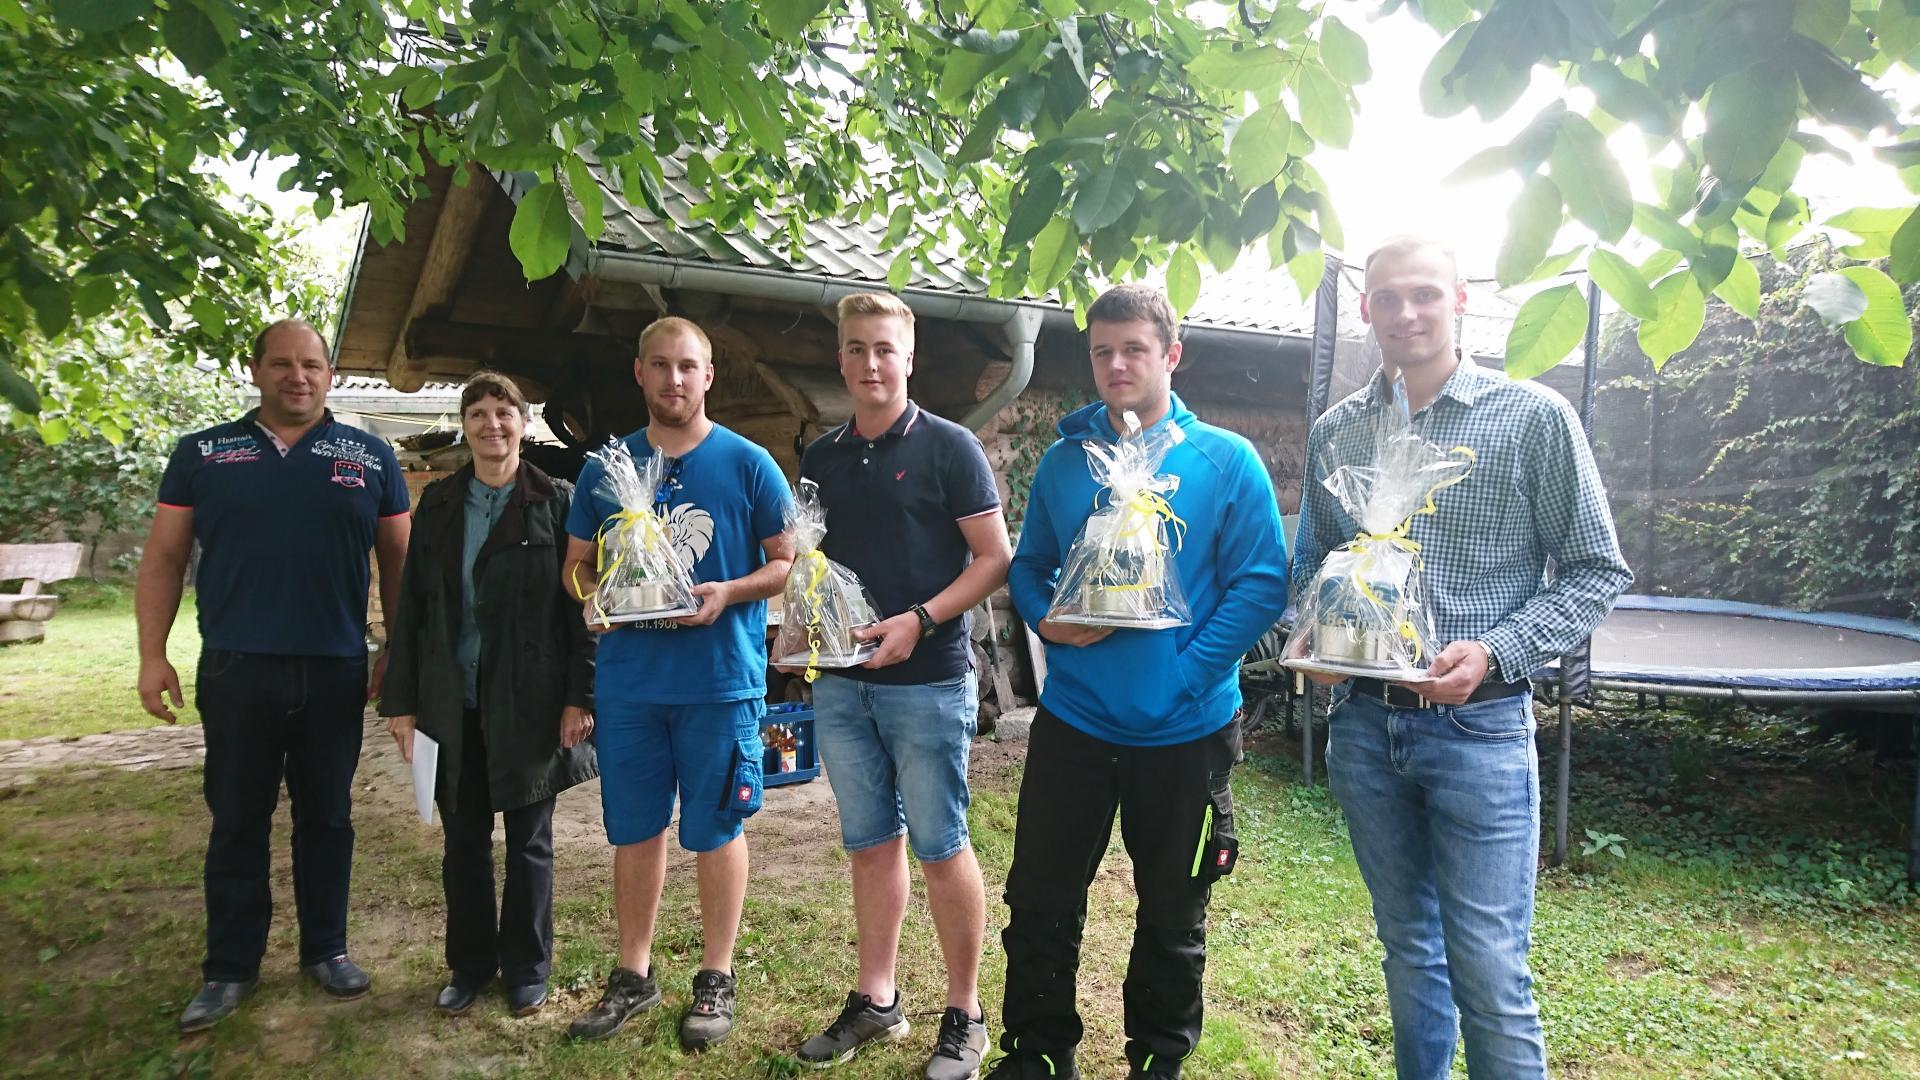 Gratulation zu bestandenen Abschlussprüfung für vier frischgebackenen Junglandwirte